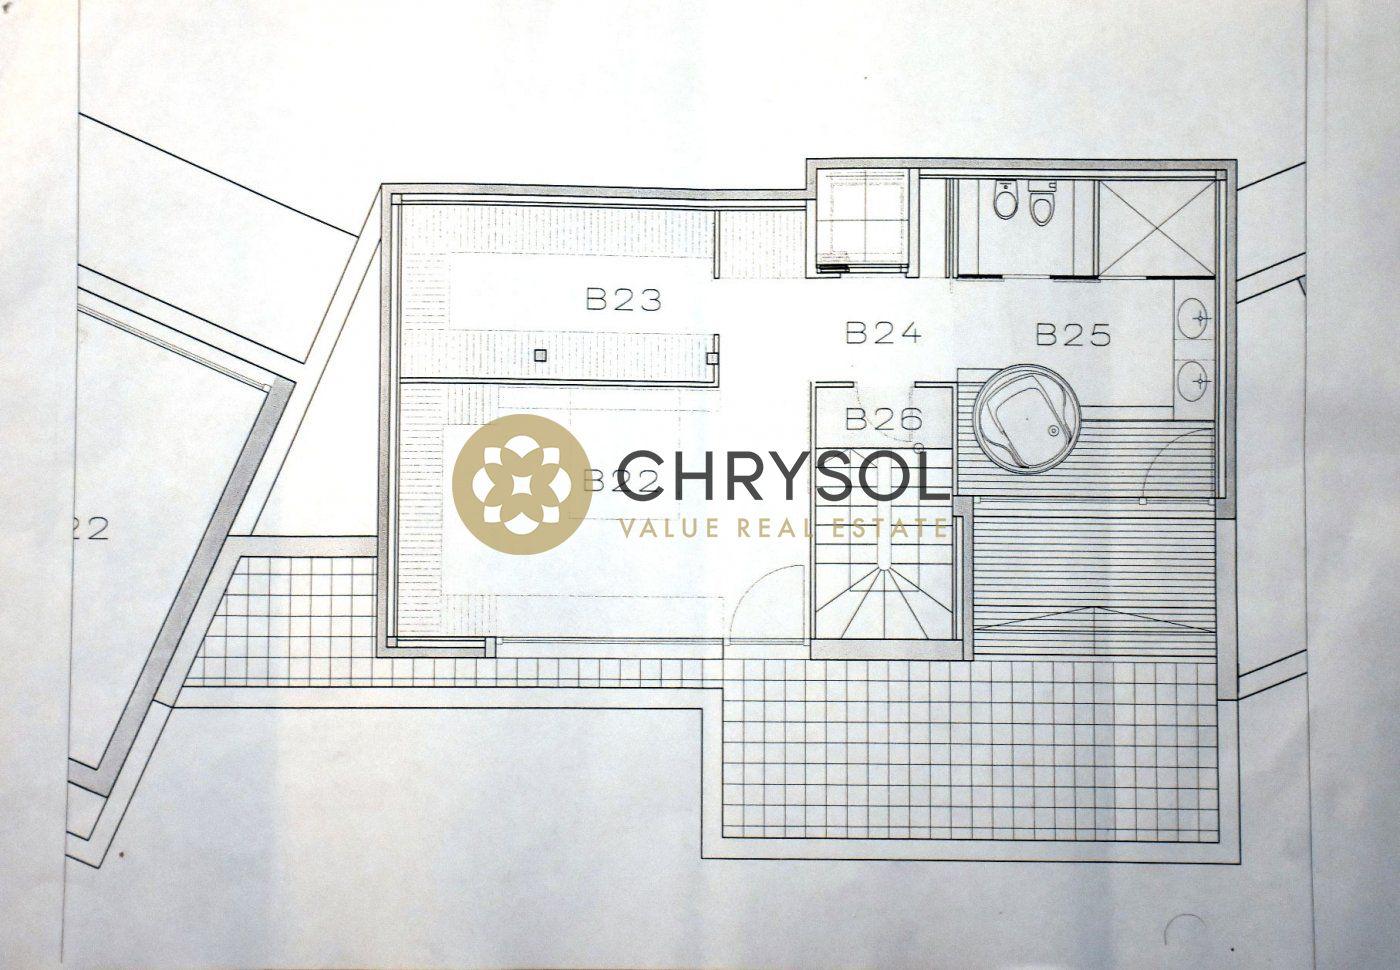 Fotogalería - 51 - Chrysol Value